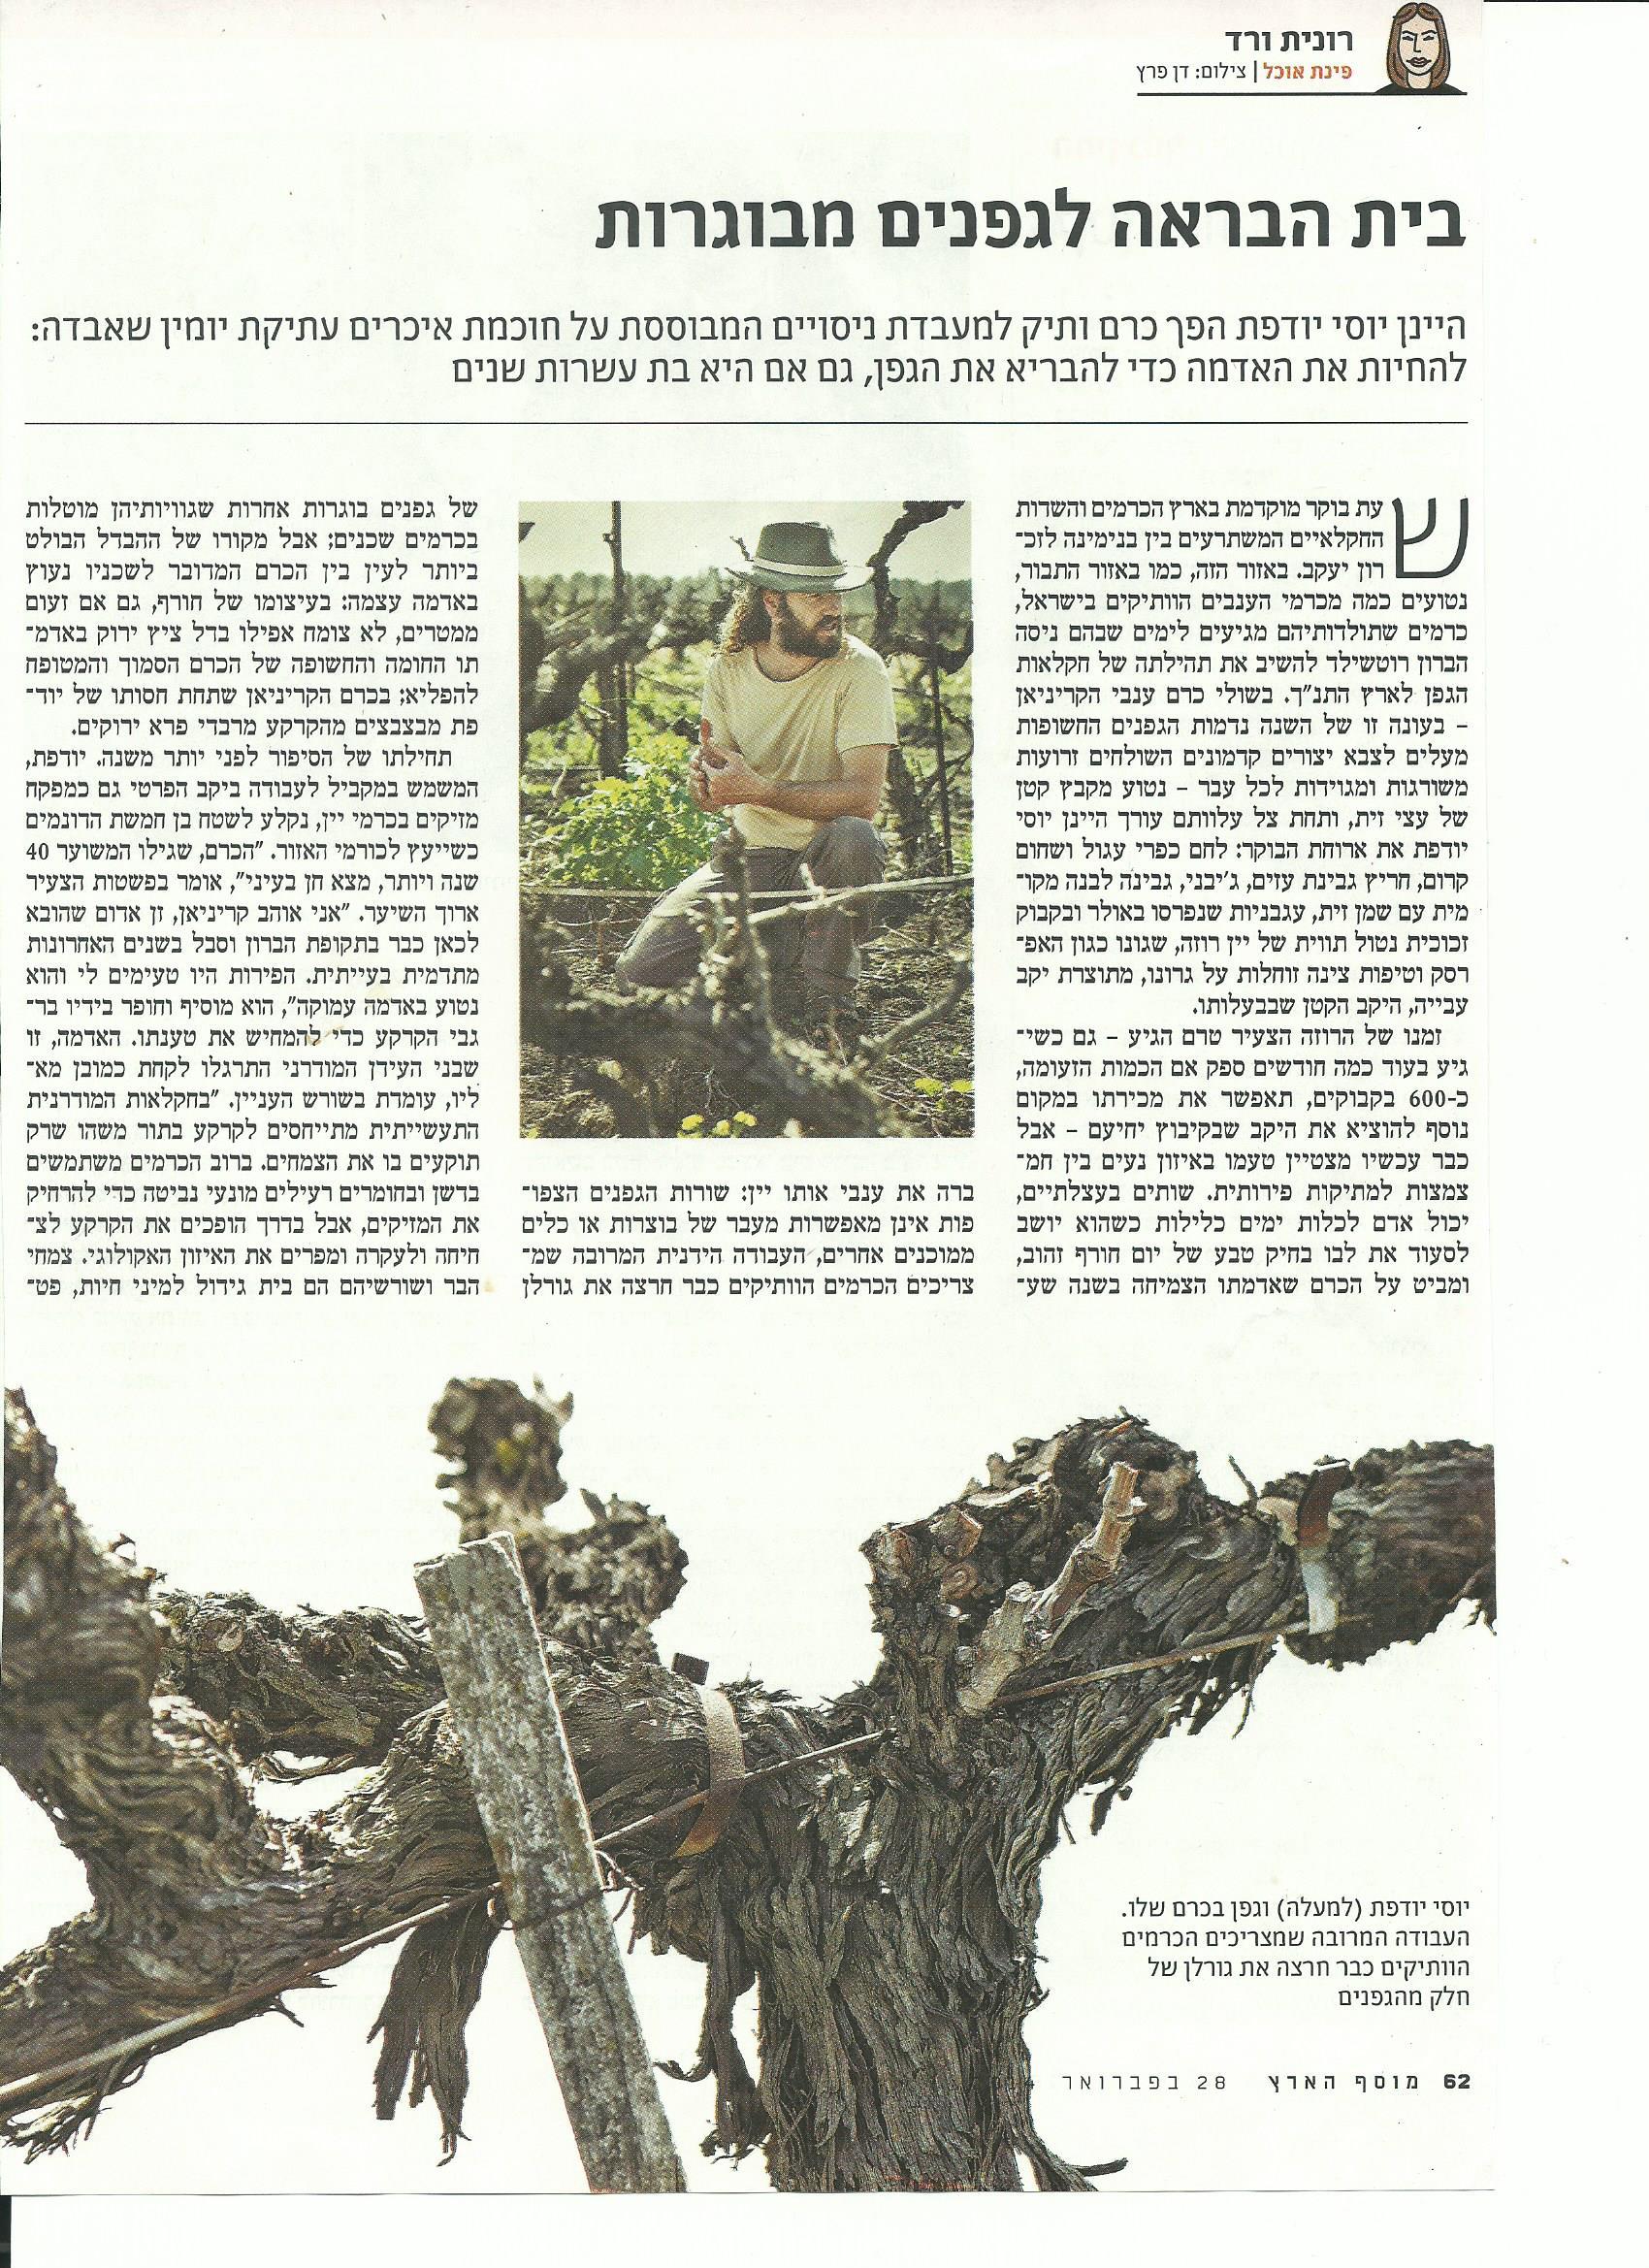 בית הבראה לגפנים מבוגרות- רונית ורד, הארץ, 28.2.14